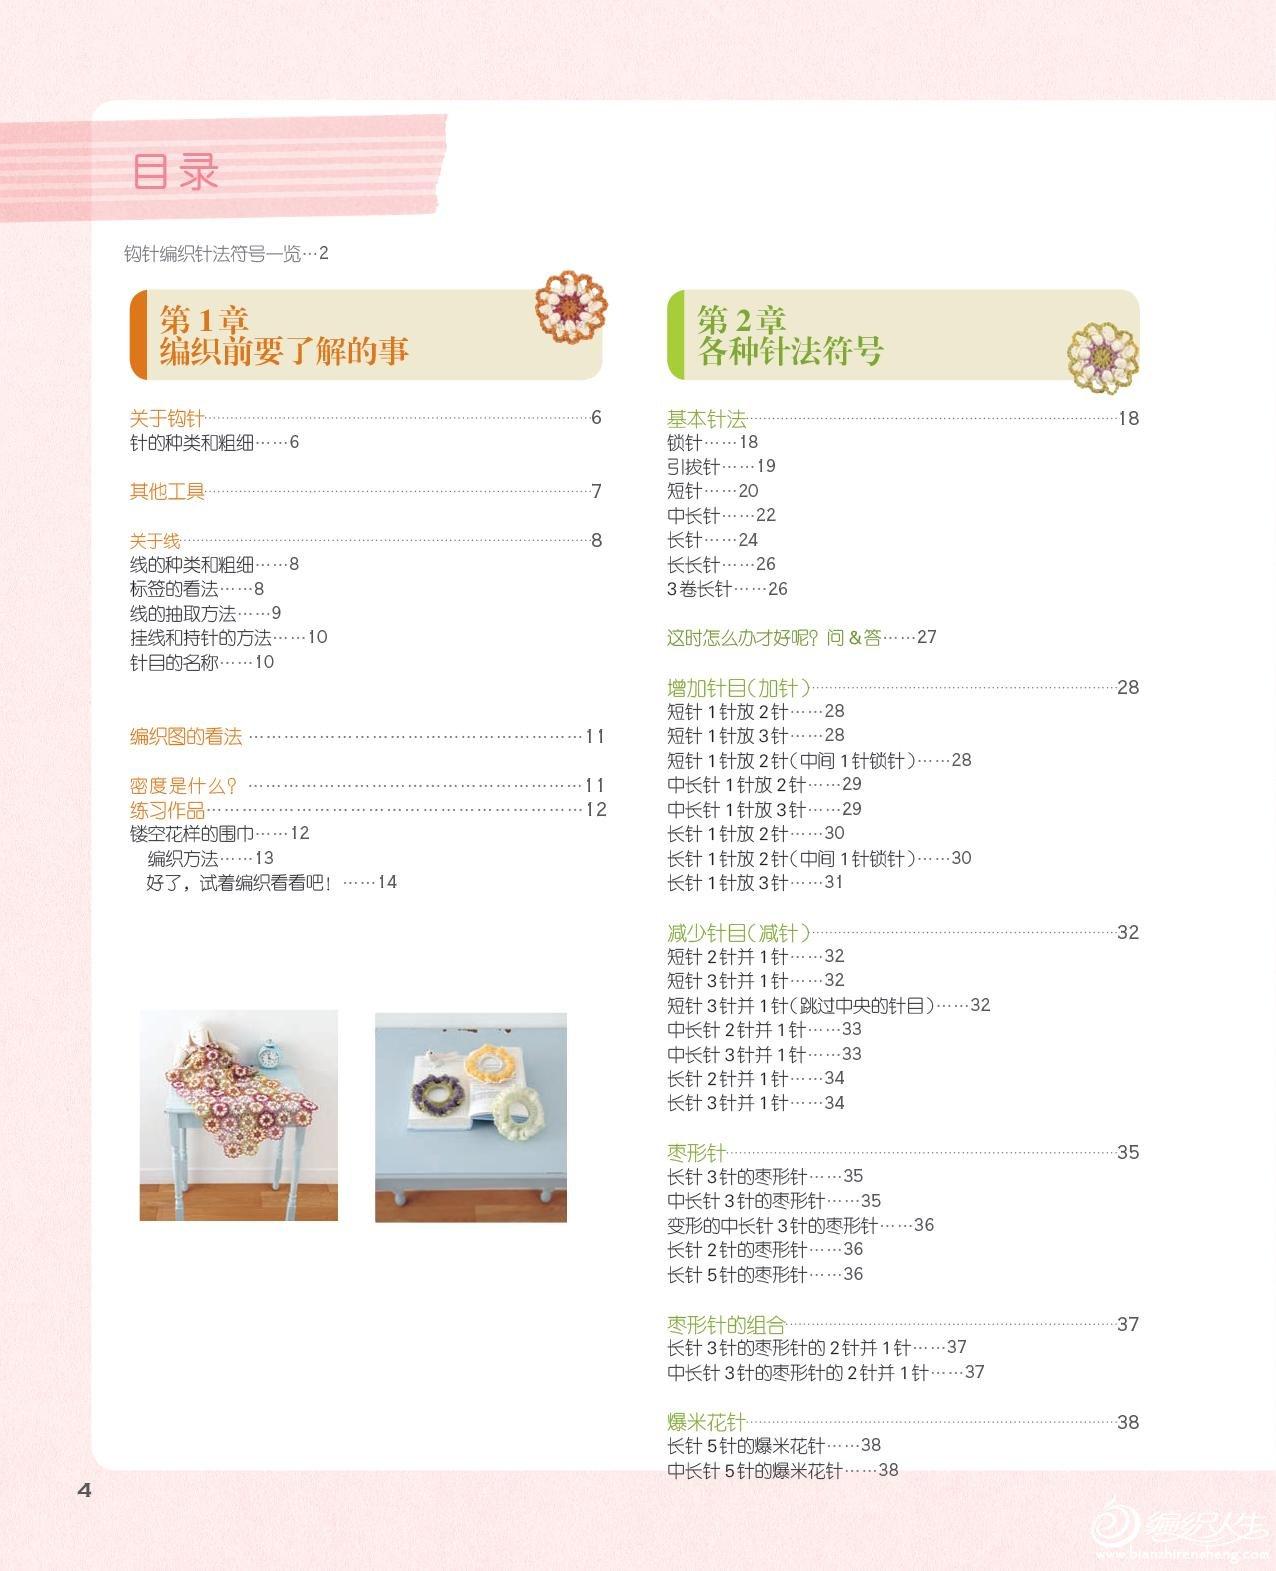 页面提取自-全图解钩针编织新手入门 在线试读-4.jpg